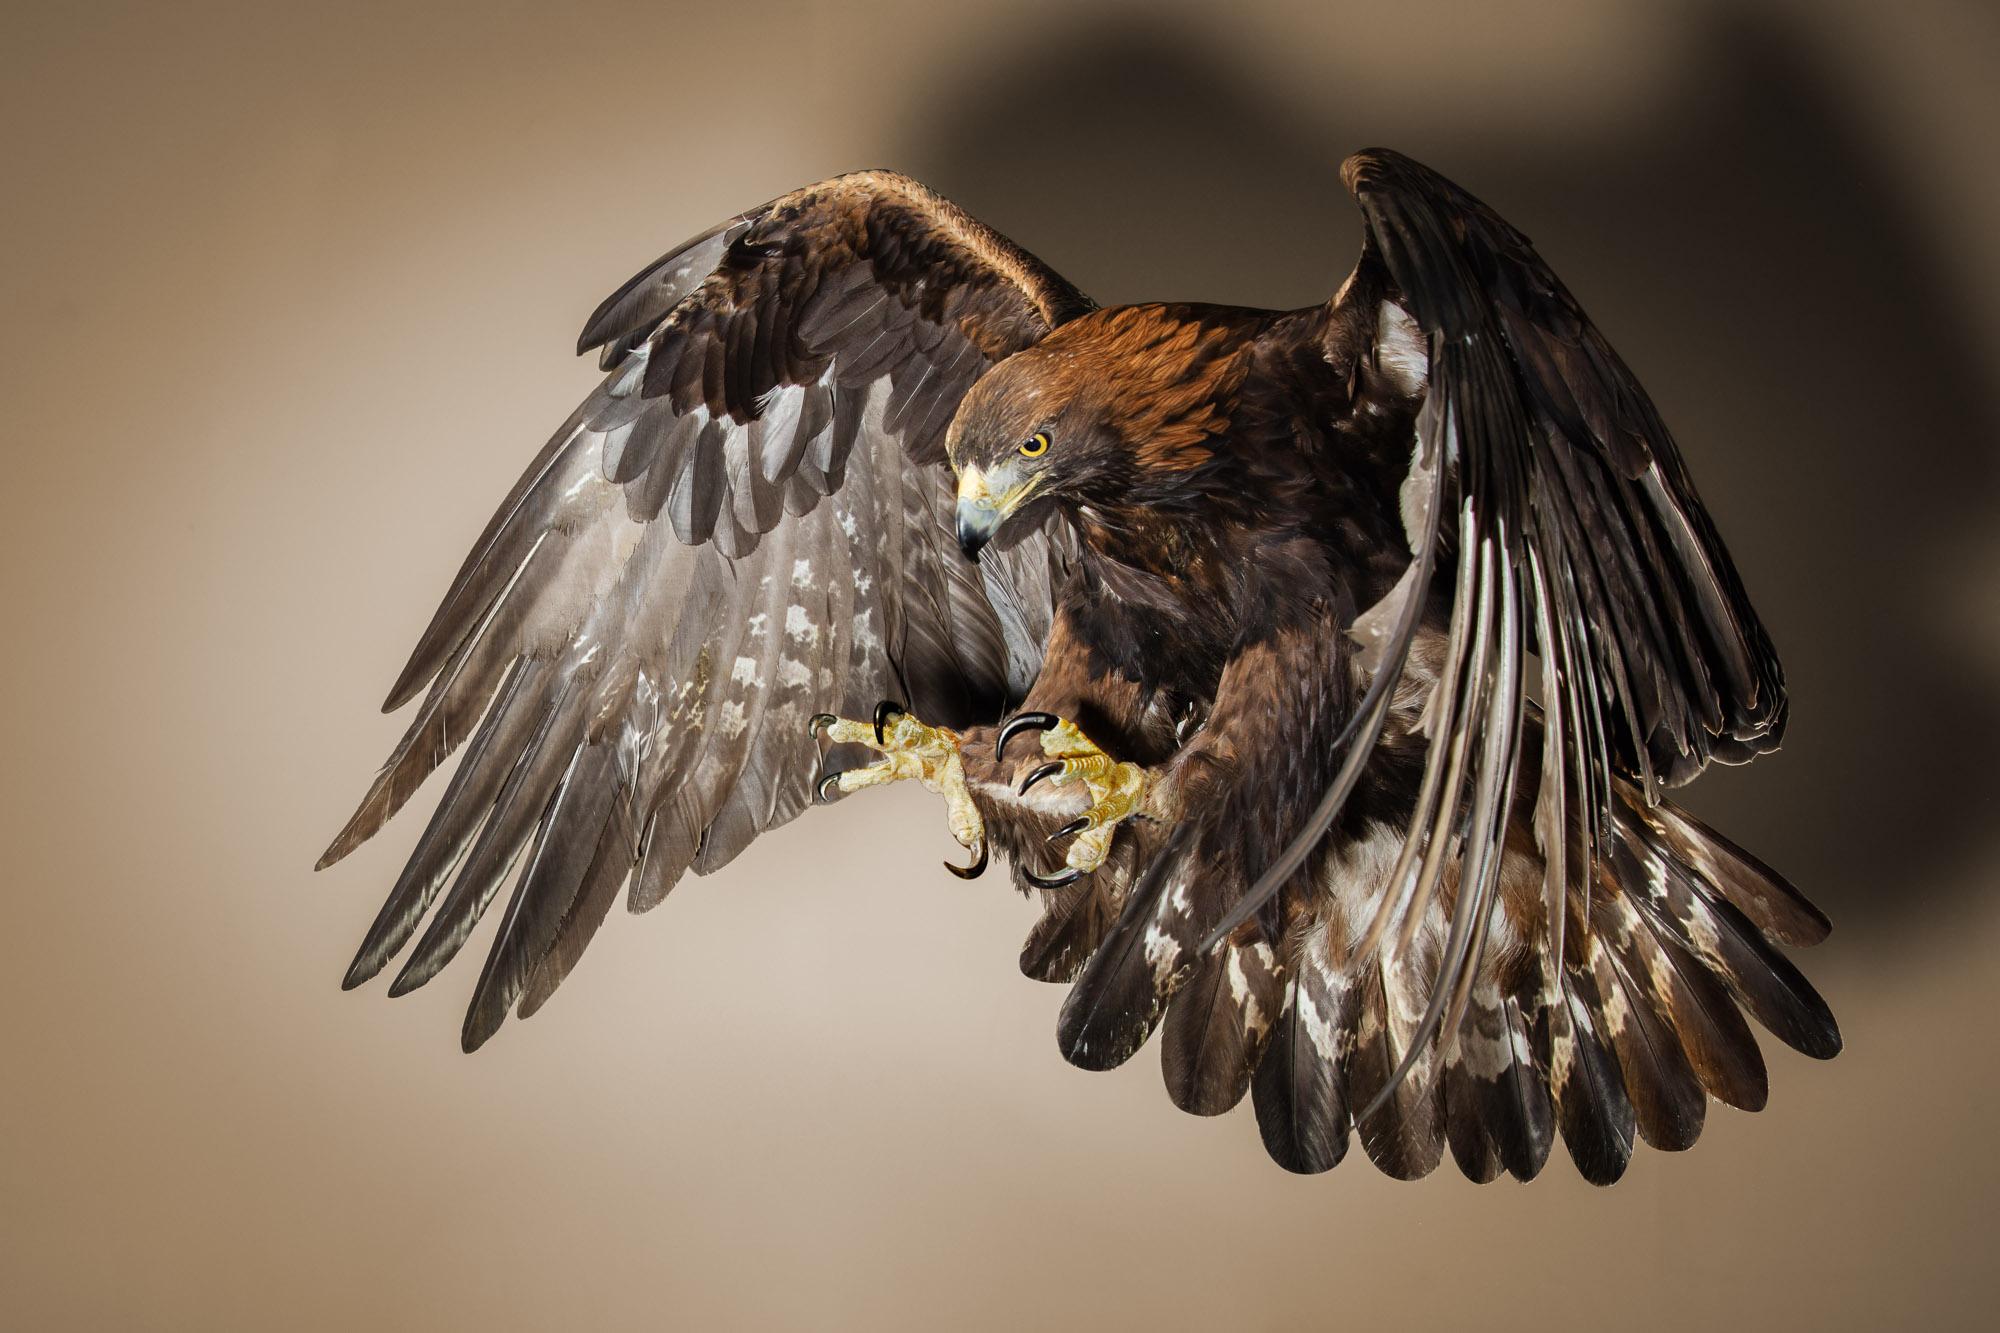 Tim Platt - Bird of Prey